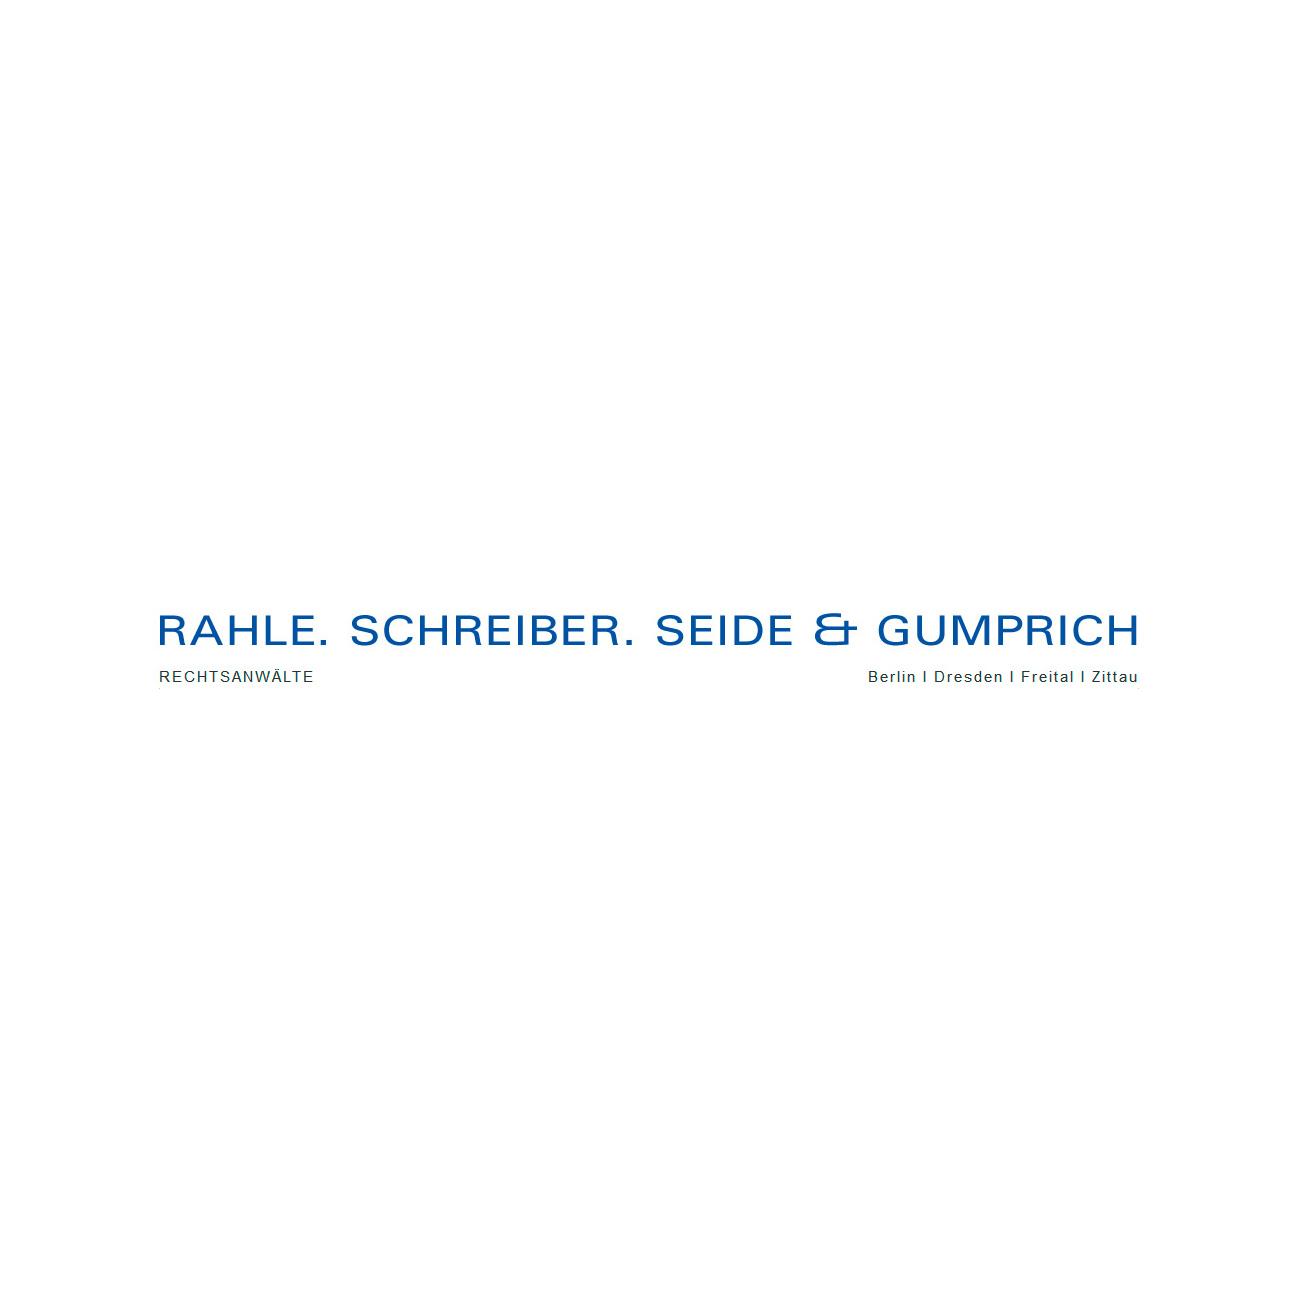 Rechtsanwälte Rahle, Schreiber, Seide & Gumprich